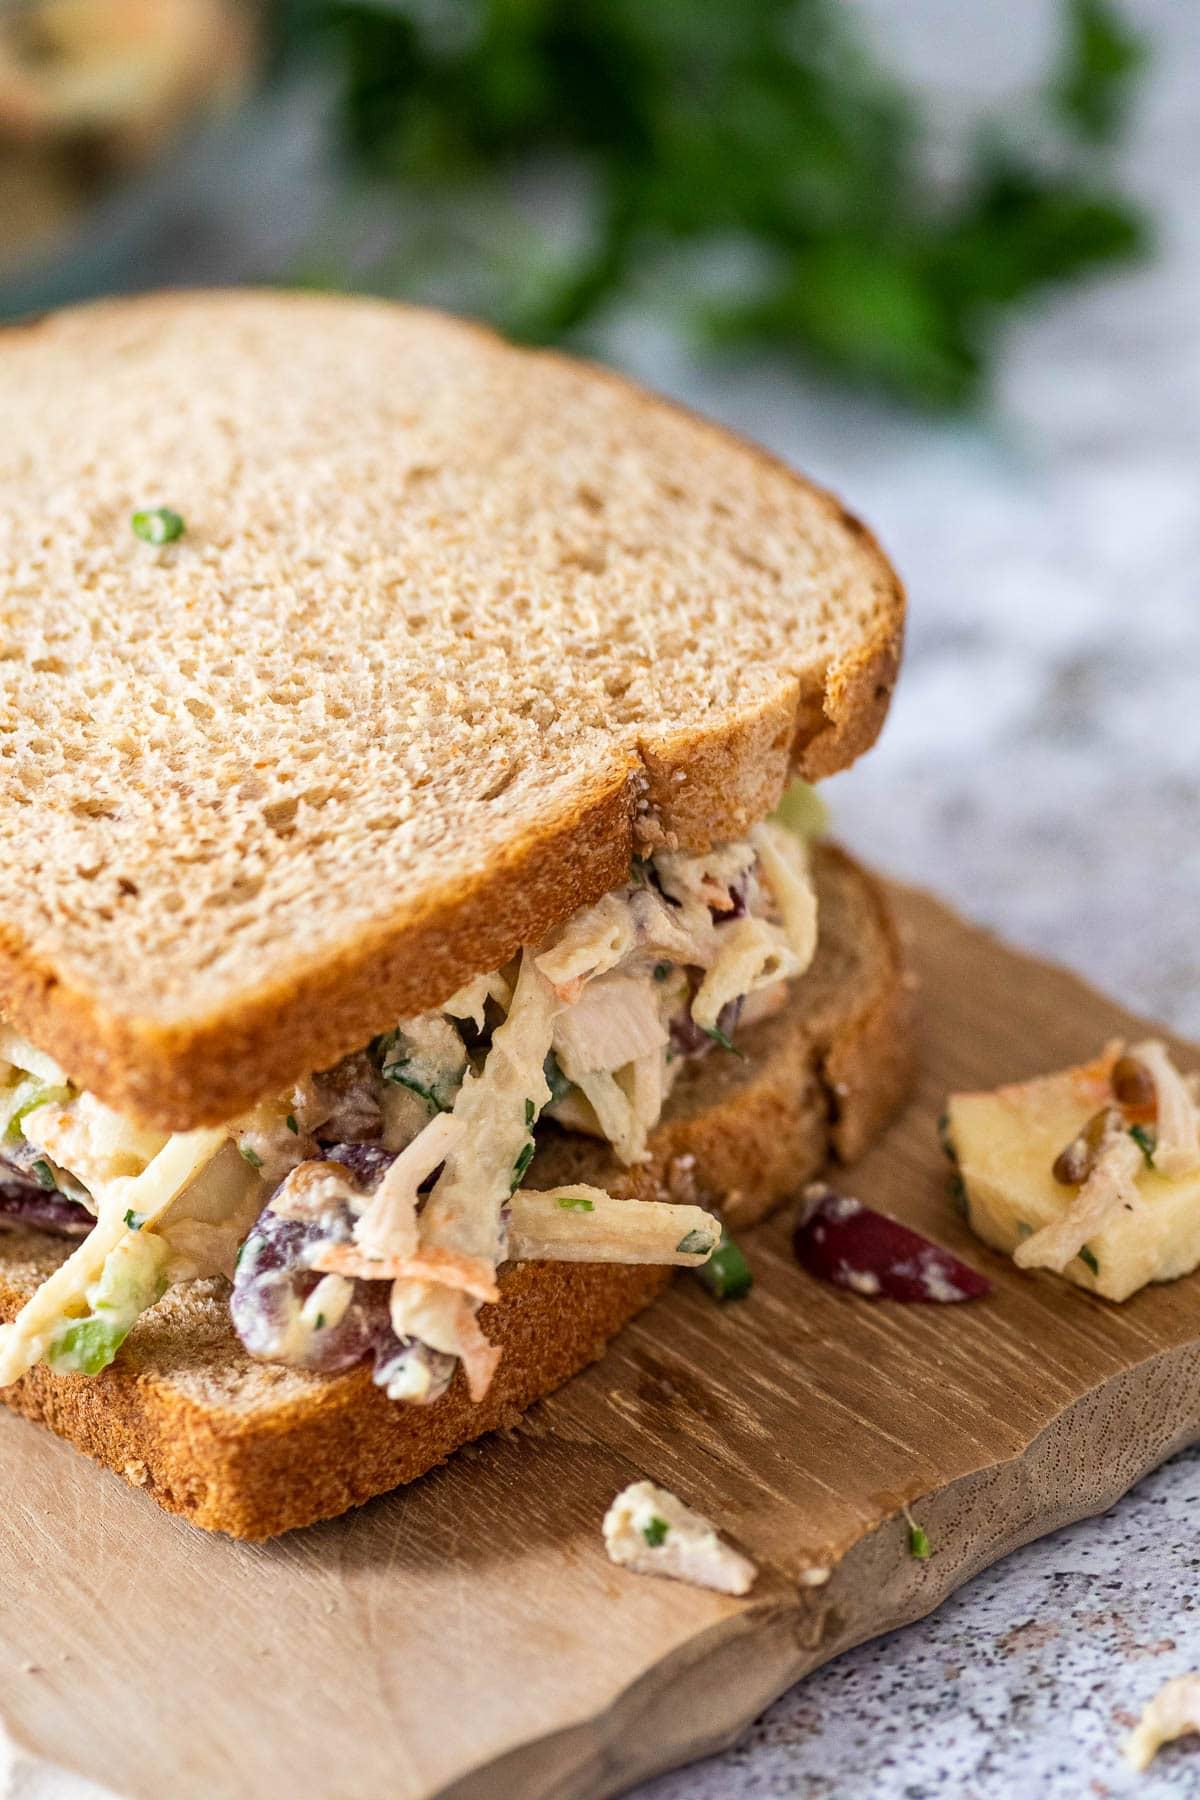 Nahaufnahme von dem veganen Hühnersalat Sandwich